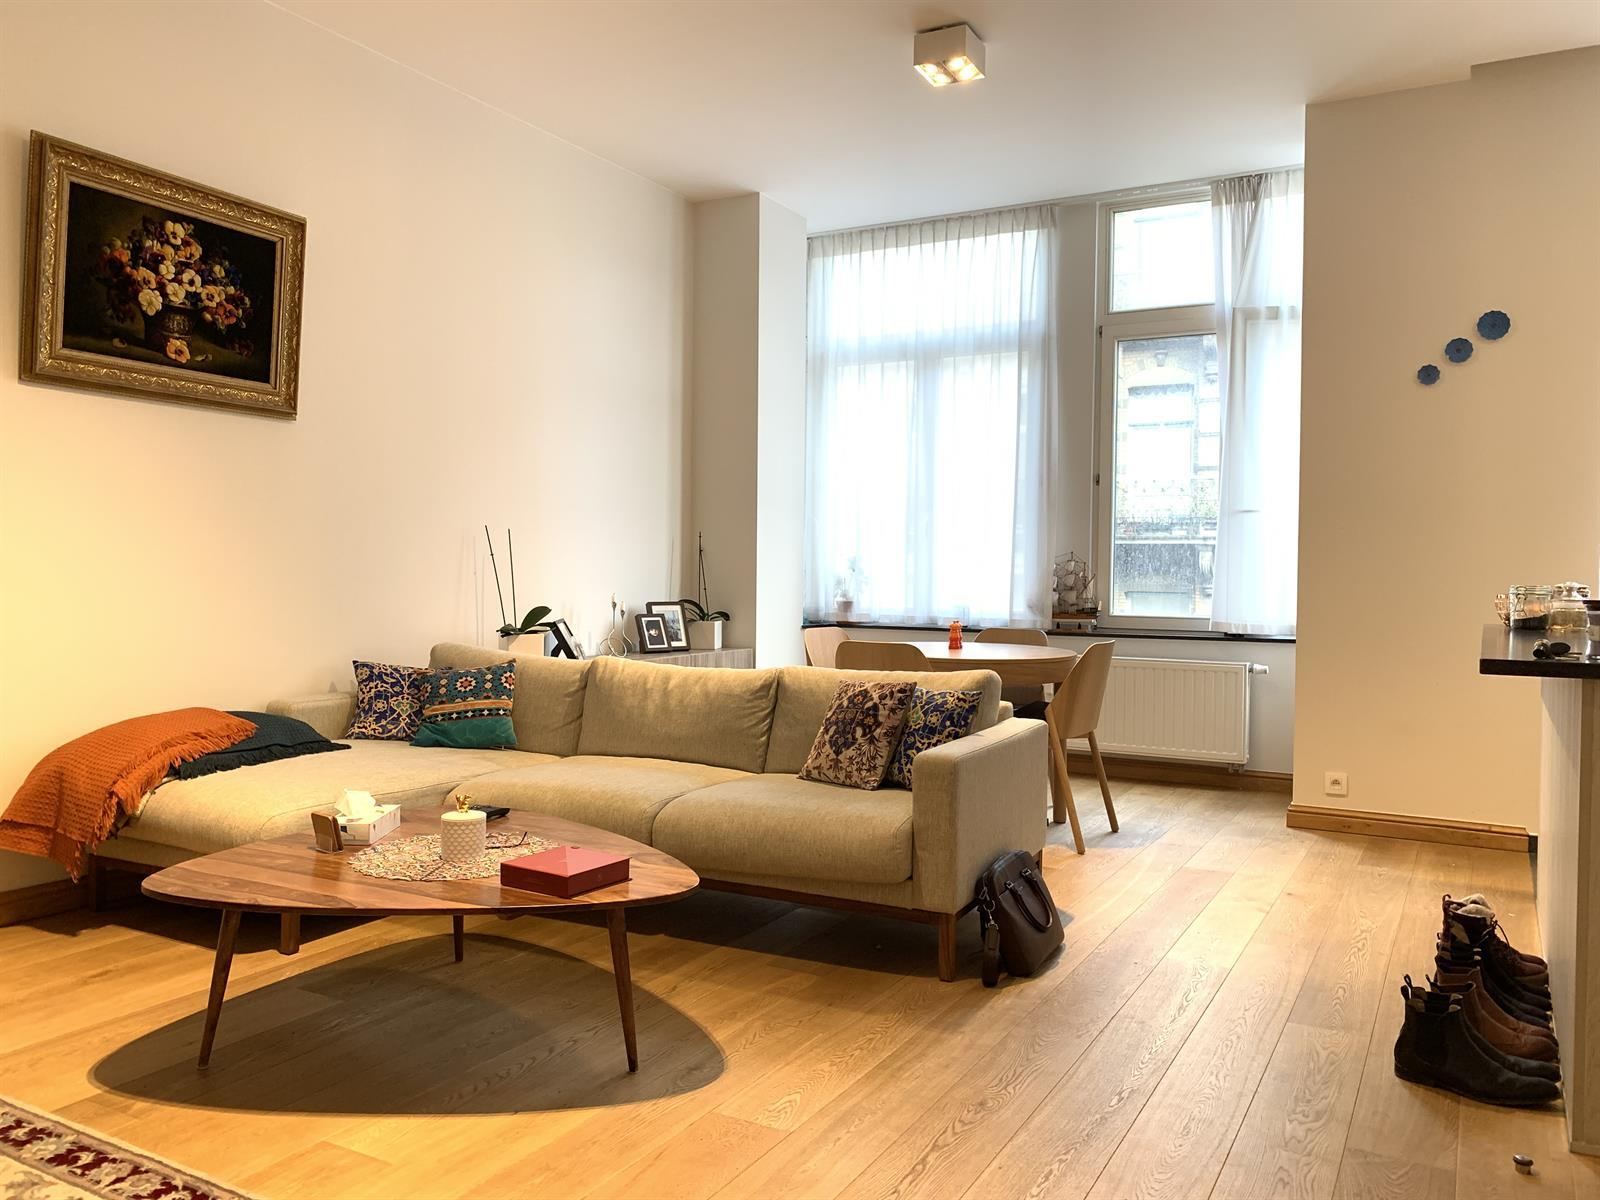 Appartement exceptionnel - Bruxelles - #3965237-37